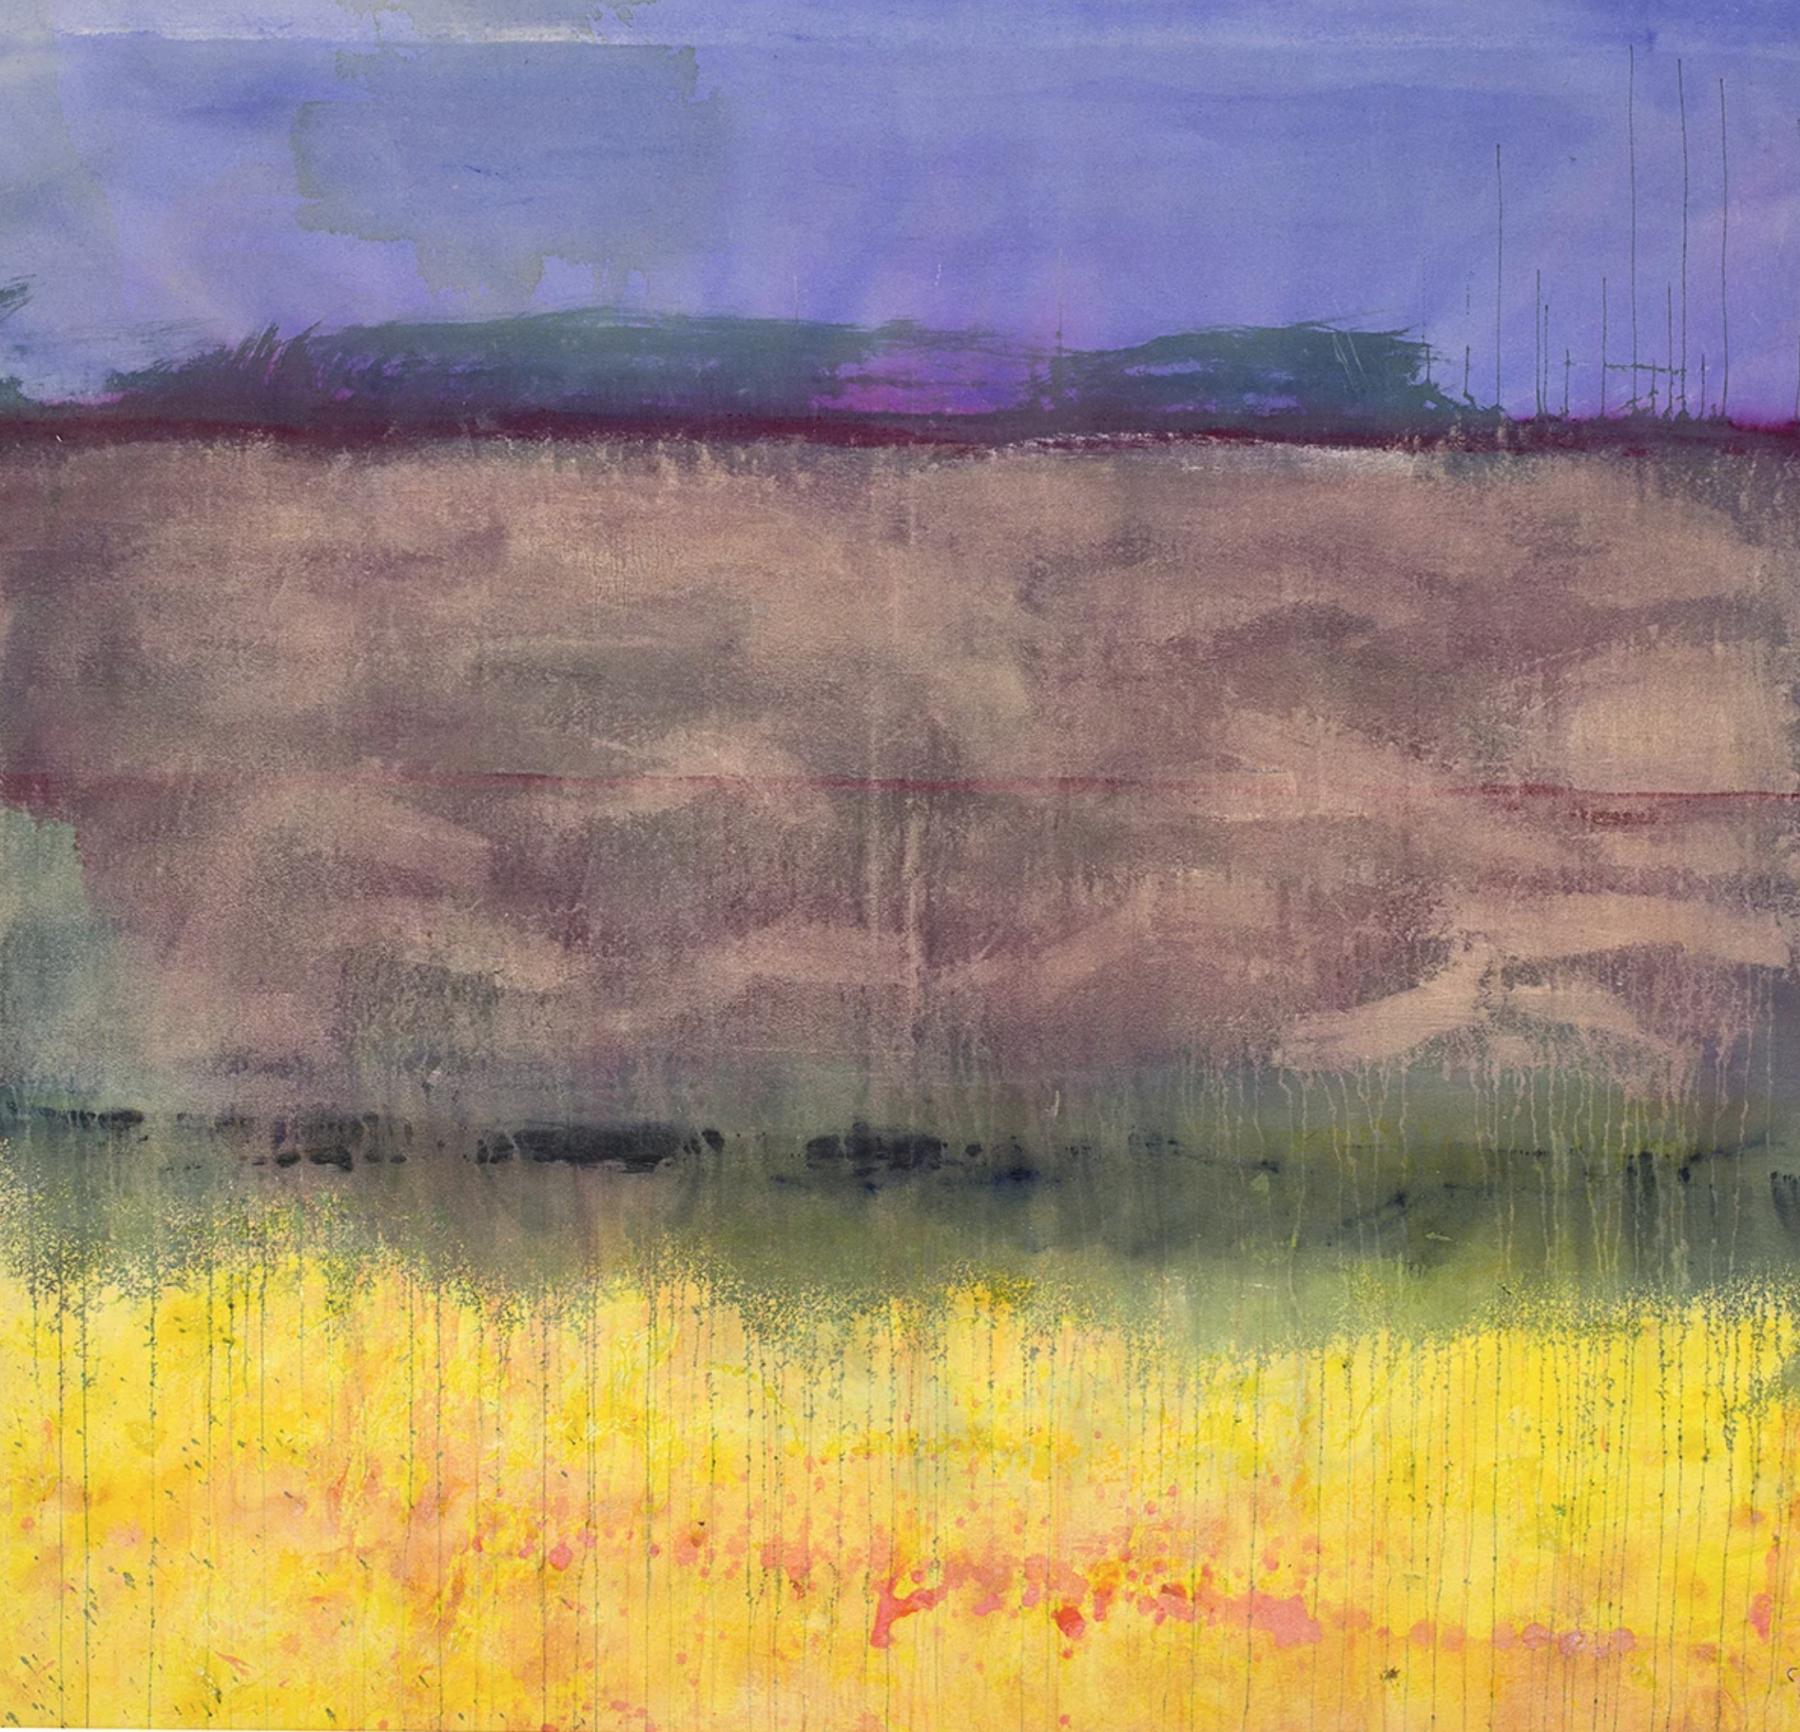 Anne's Roraima, 2016, Acrylic on canvas